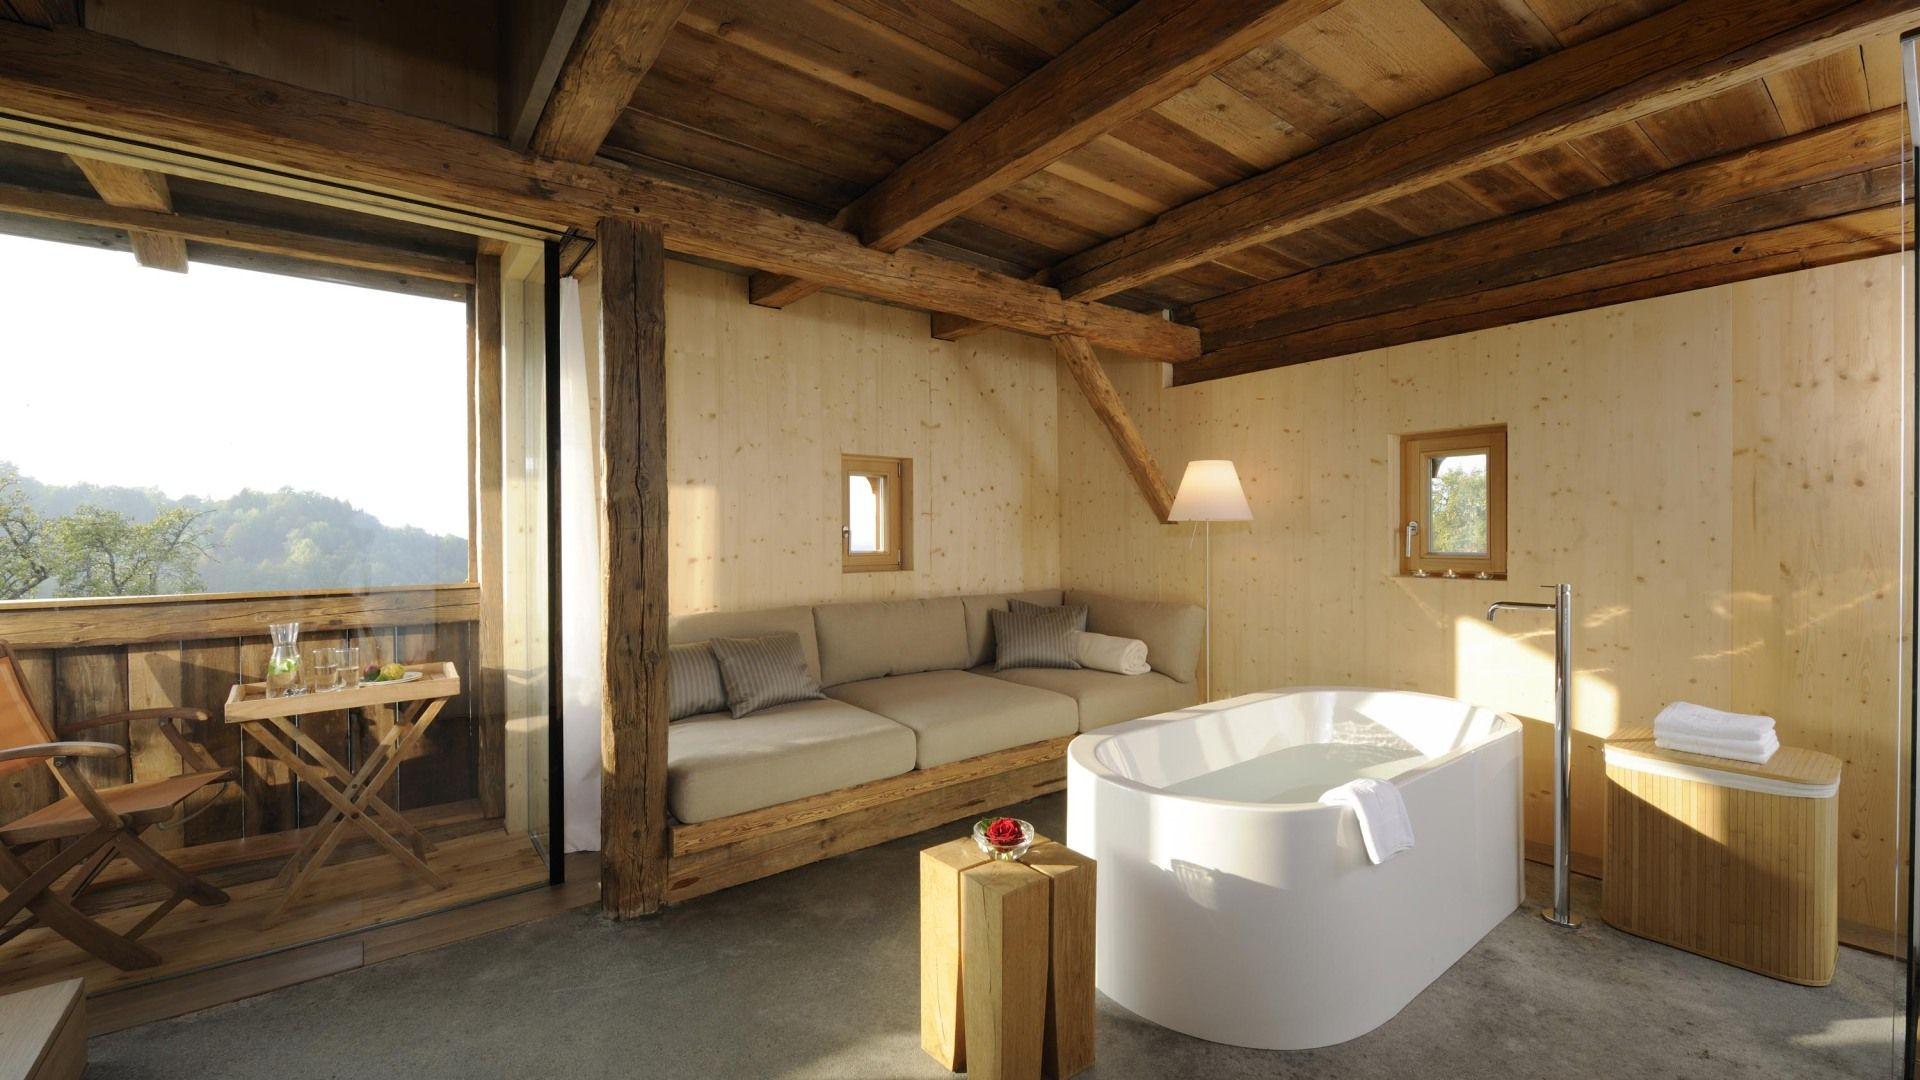 ferienhaus sterreich stadl am tunauberg villa mit sauna hotels pinterest ferienhaus. Black Bedroom Furniture Sets. Home Design Ideas